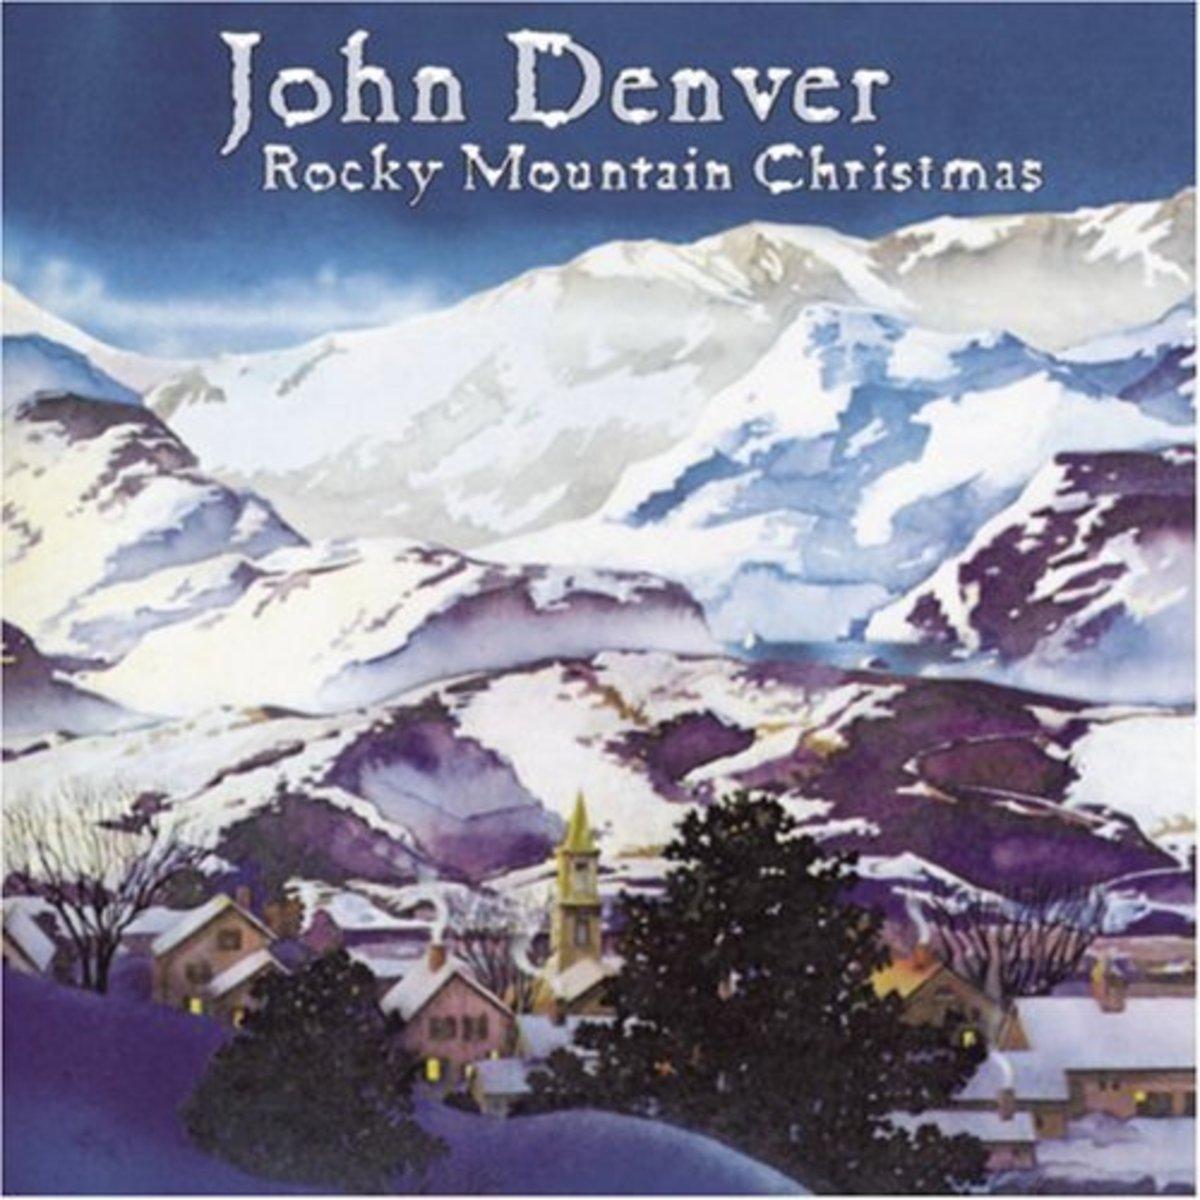 John Denver—Rocky Mountain Christmas